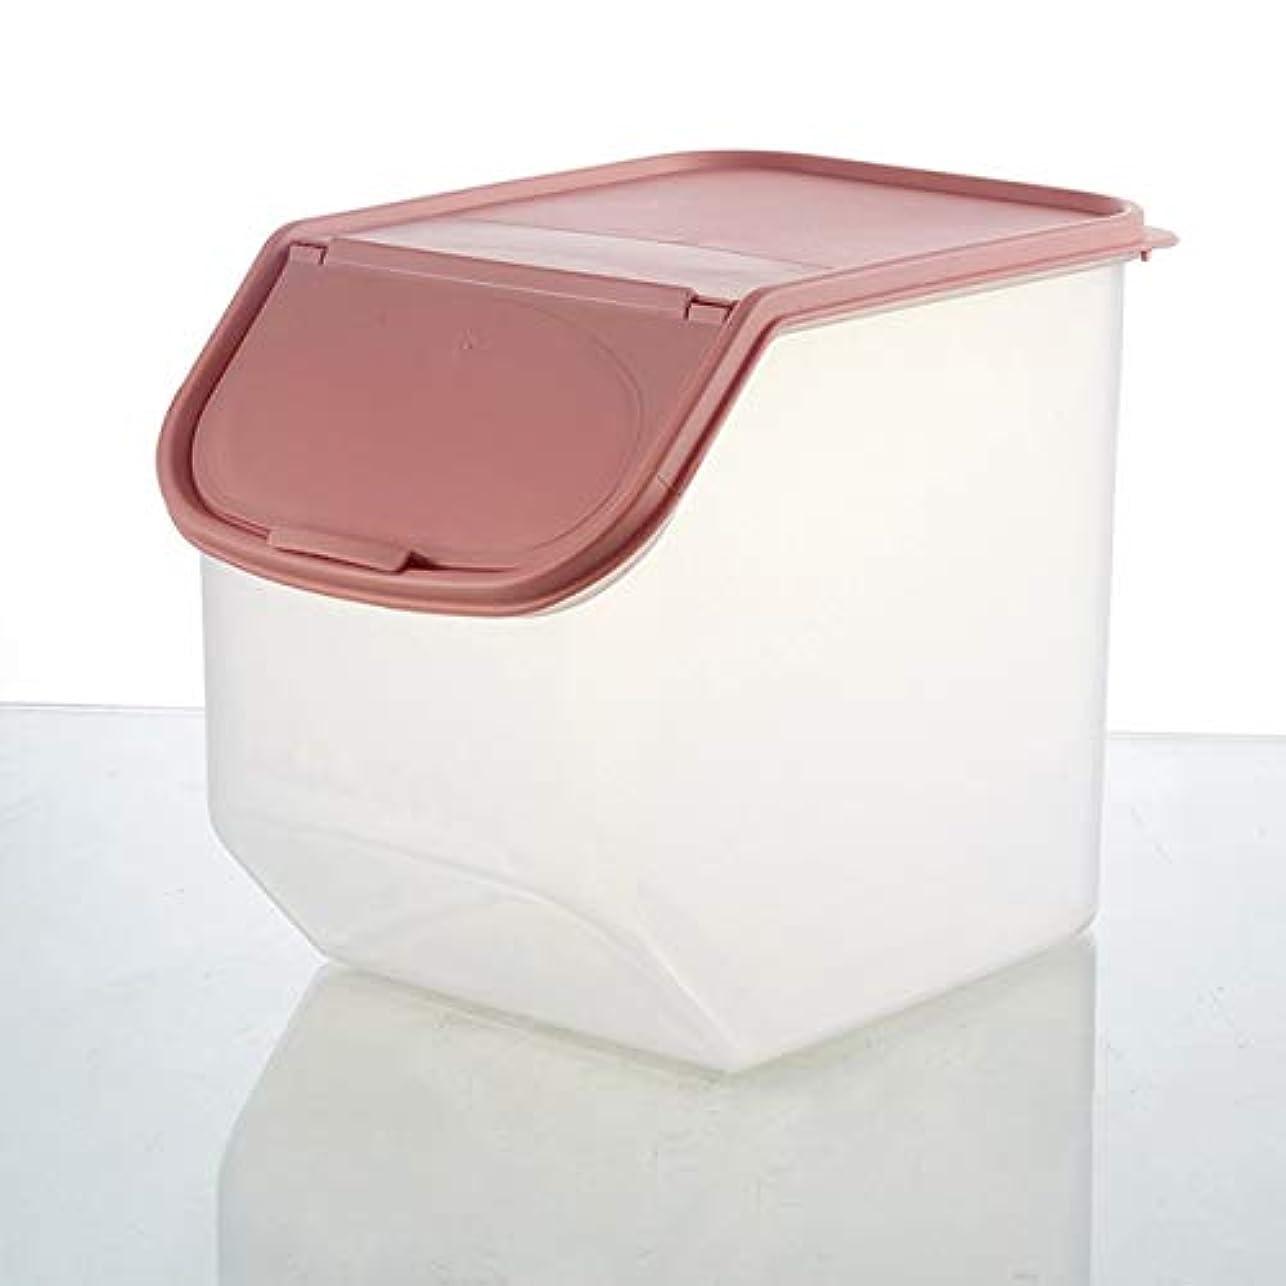 塗抹位置するうっかりSaikogoods 家庭の使用キッチンストレージオーガナイザーは ボックスライスビン豆穀物コンテナ主催封印された食品保存を干し ピンク L